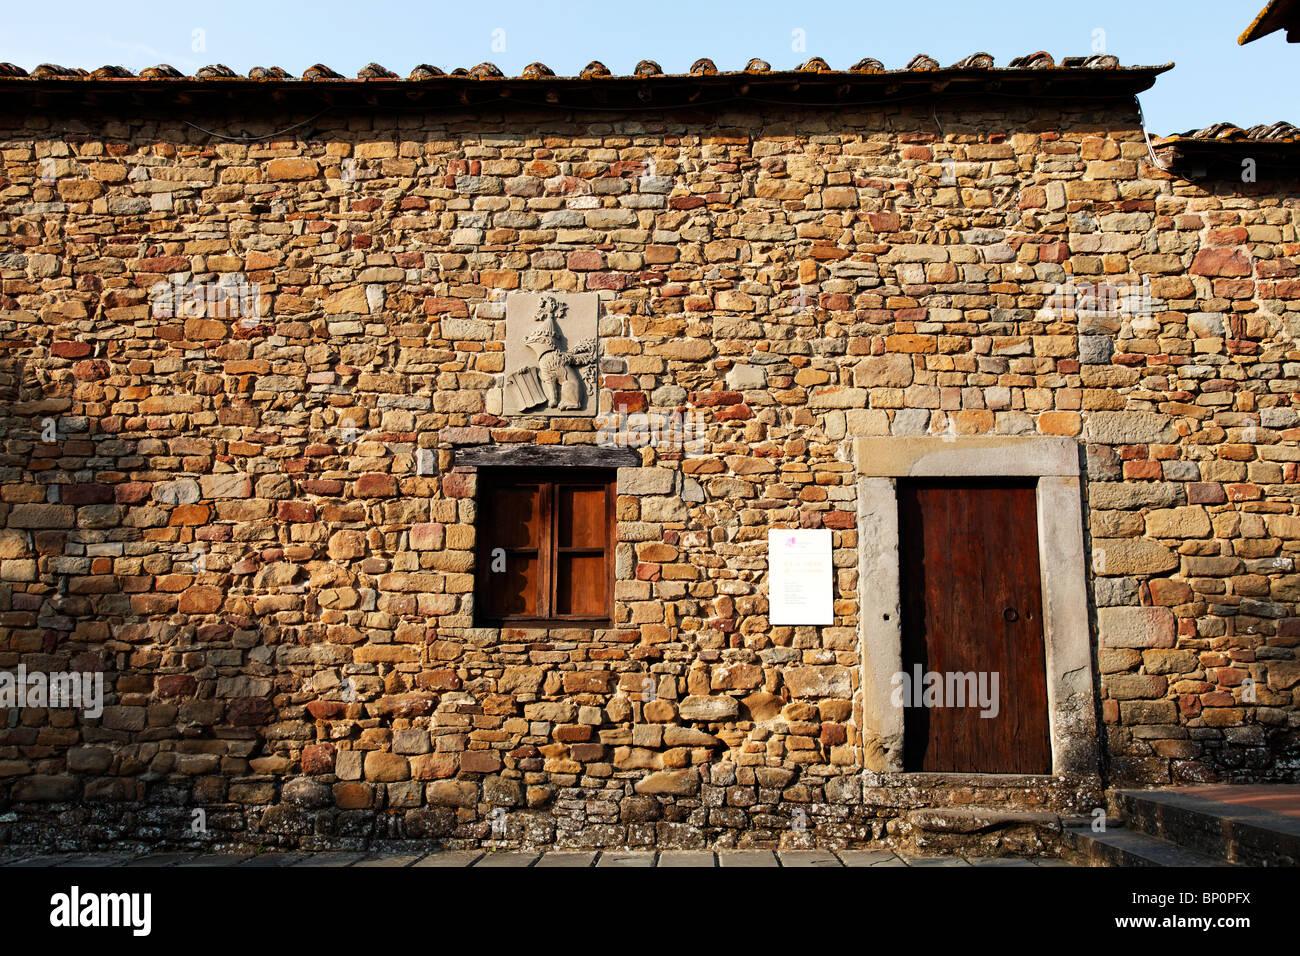 LEONARDO DA VINCI Haus Vinci Toskana Italien Stockfoto, Bild ...